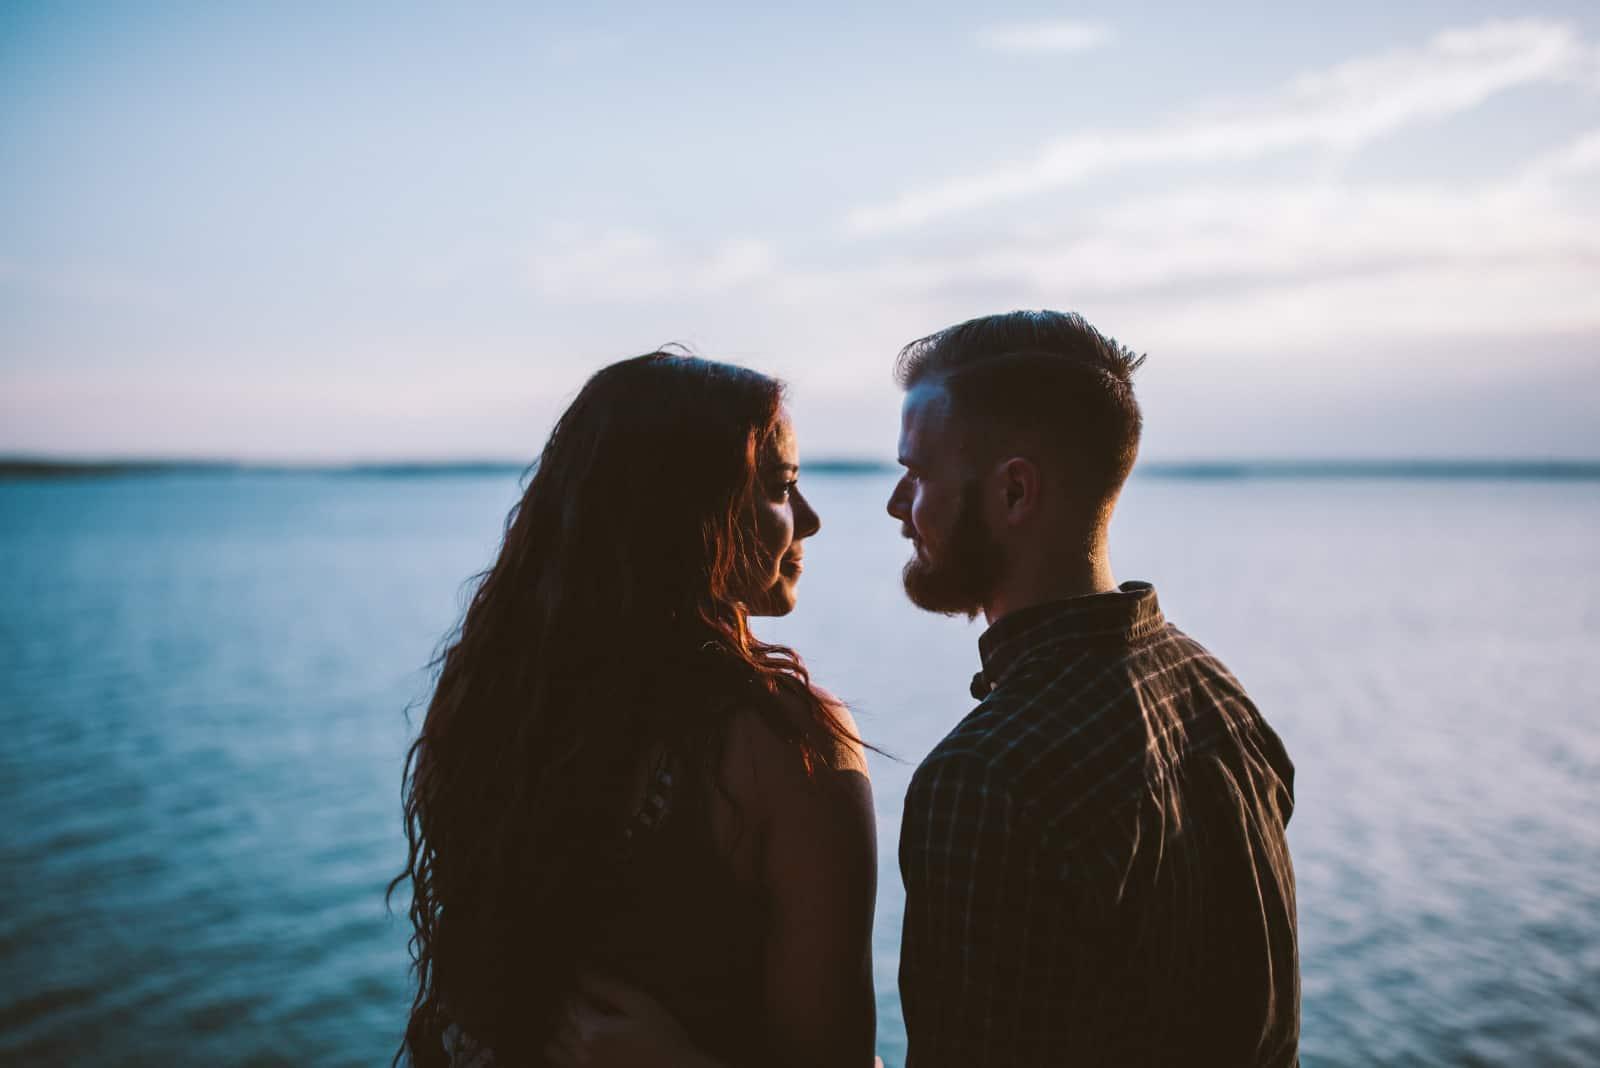 homme et femme établissant un contact visuel près de l'eau